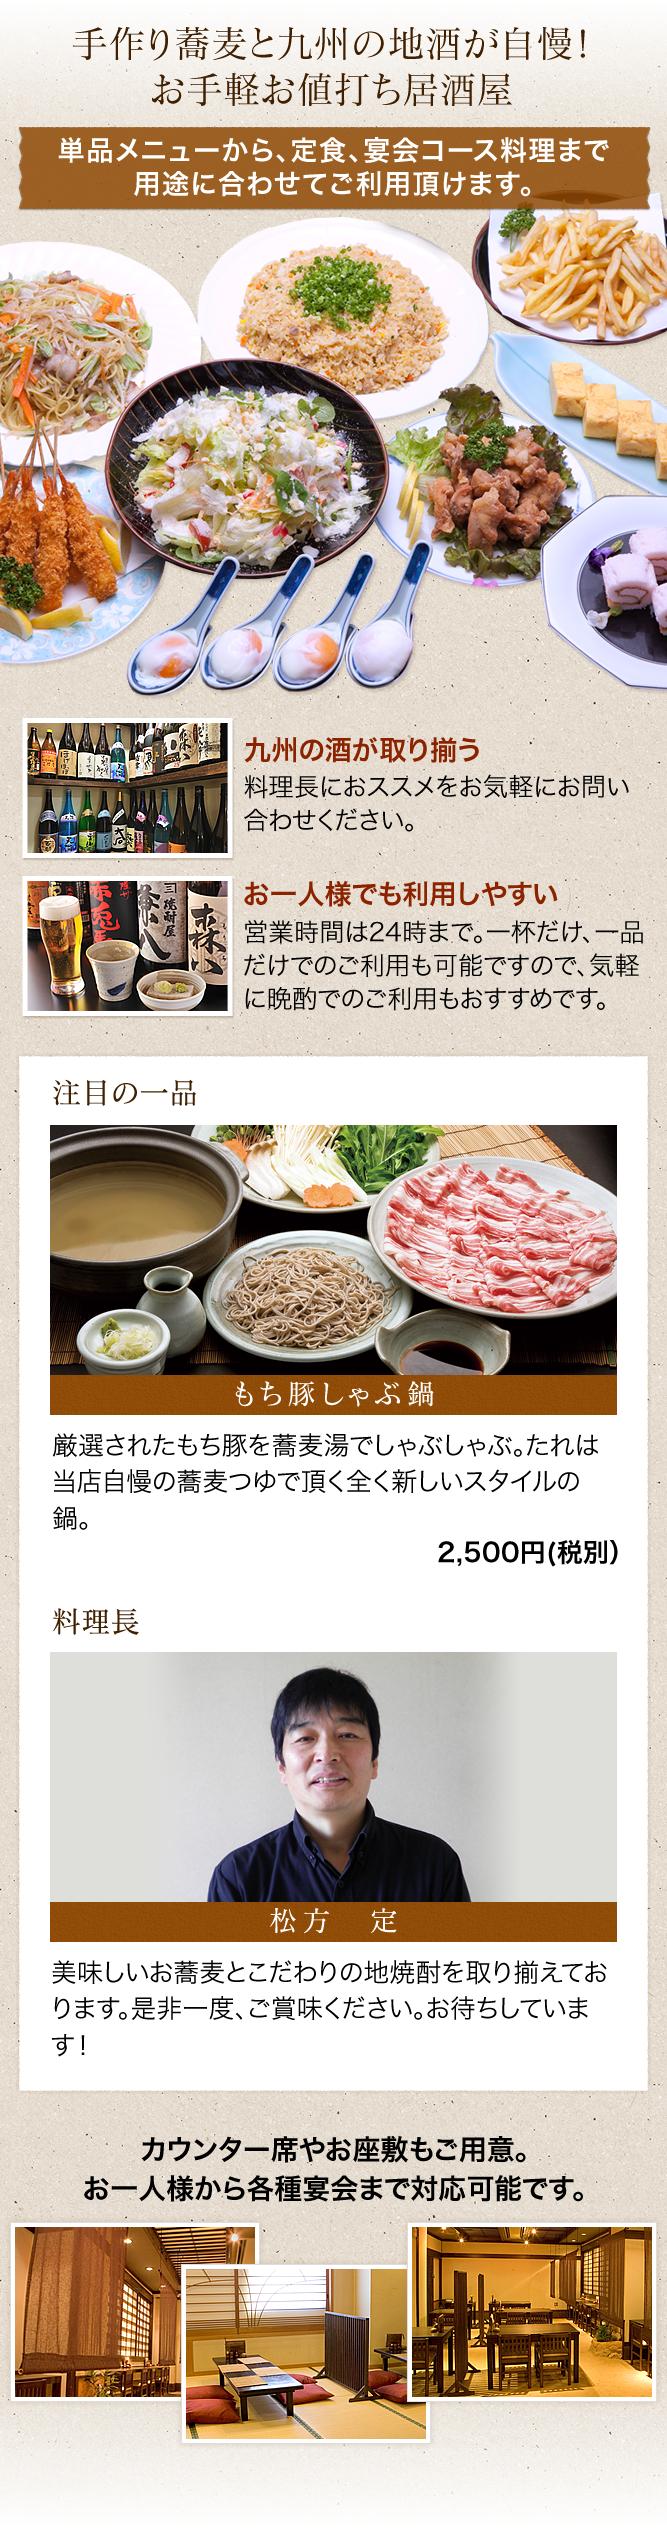 手作り蕎麦と九州の地酒が自慢!お手軽お値打ち居酒屋